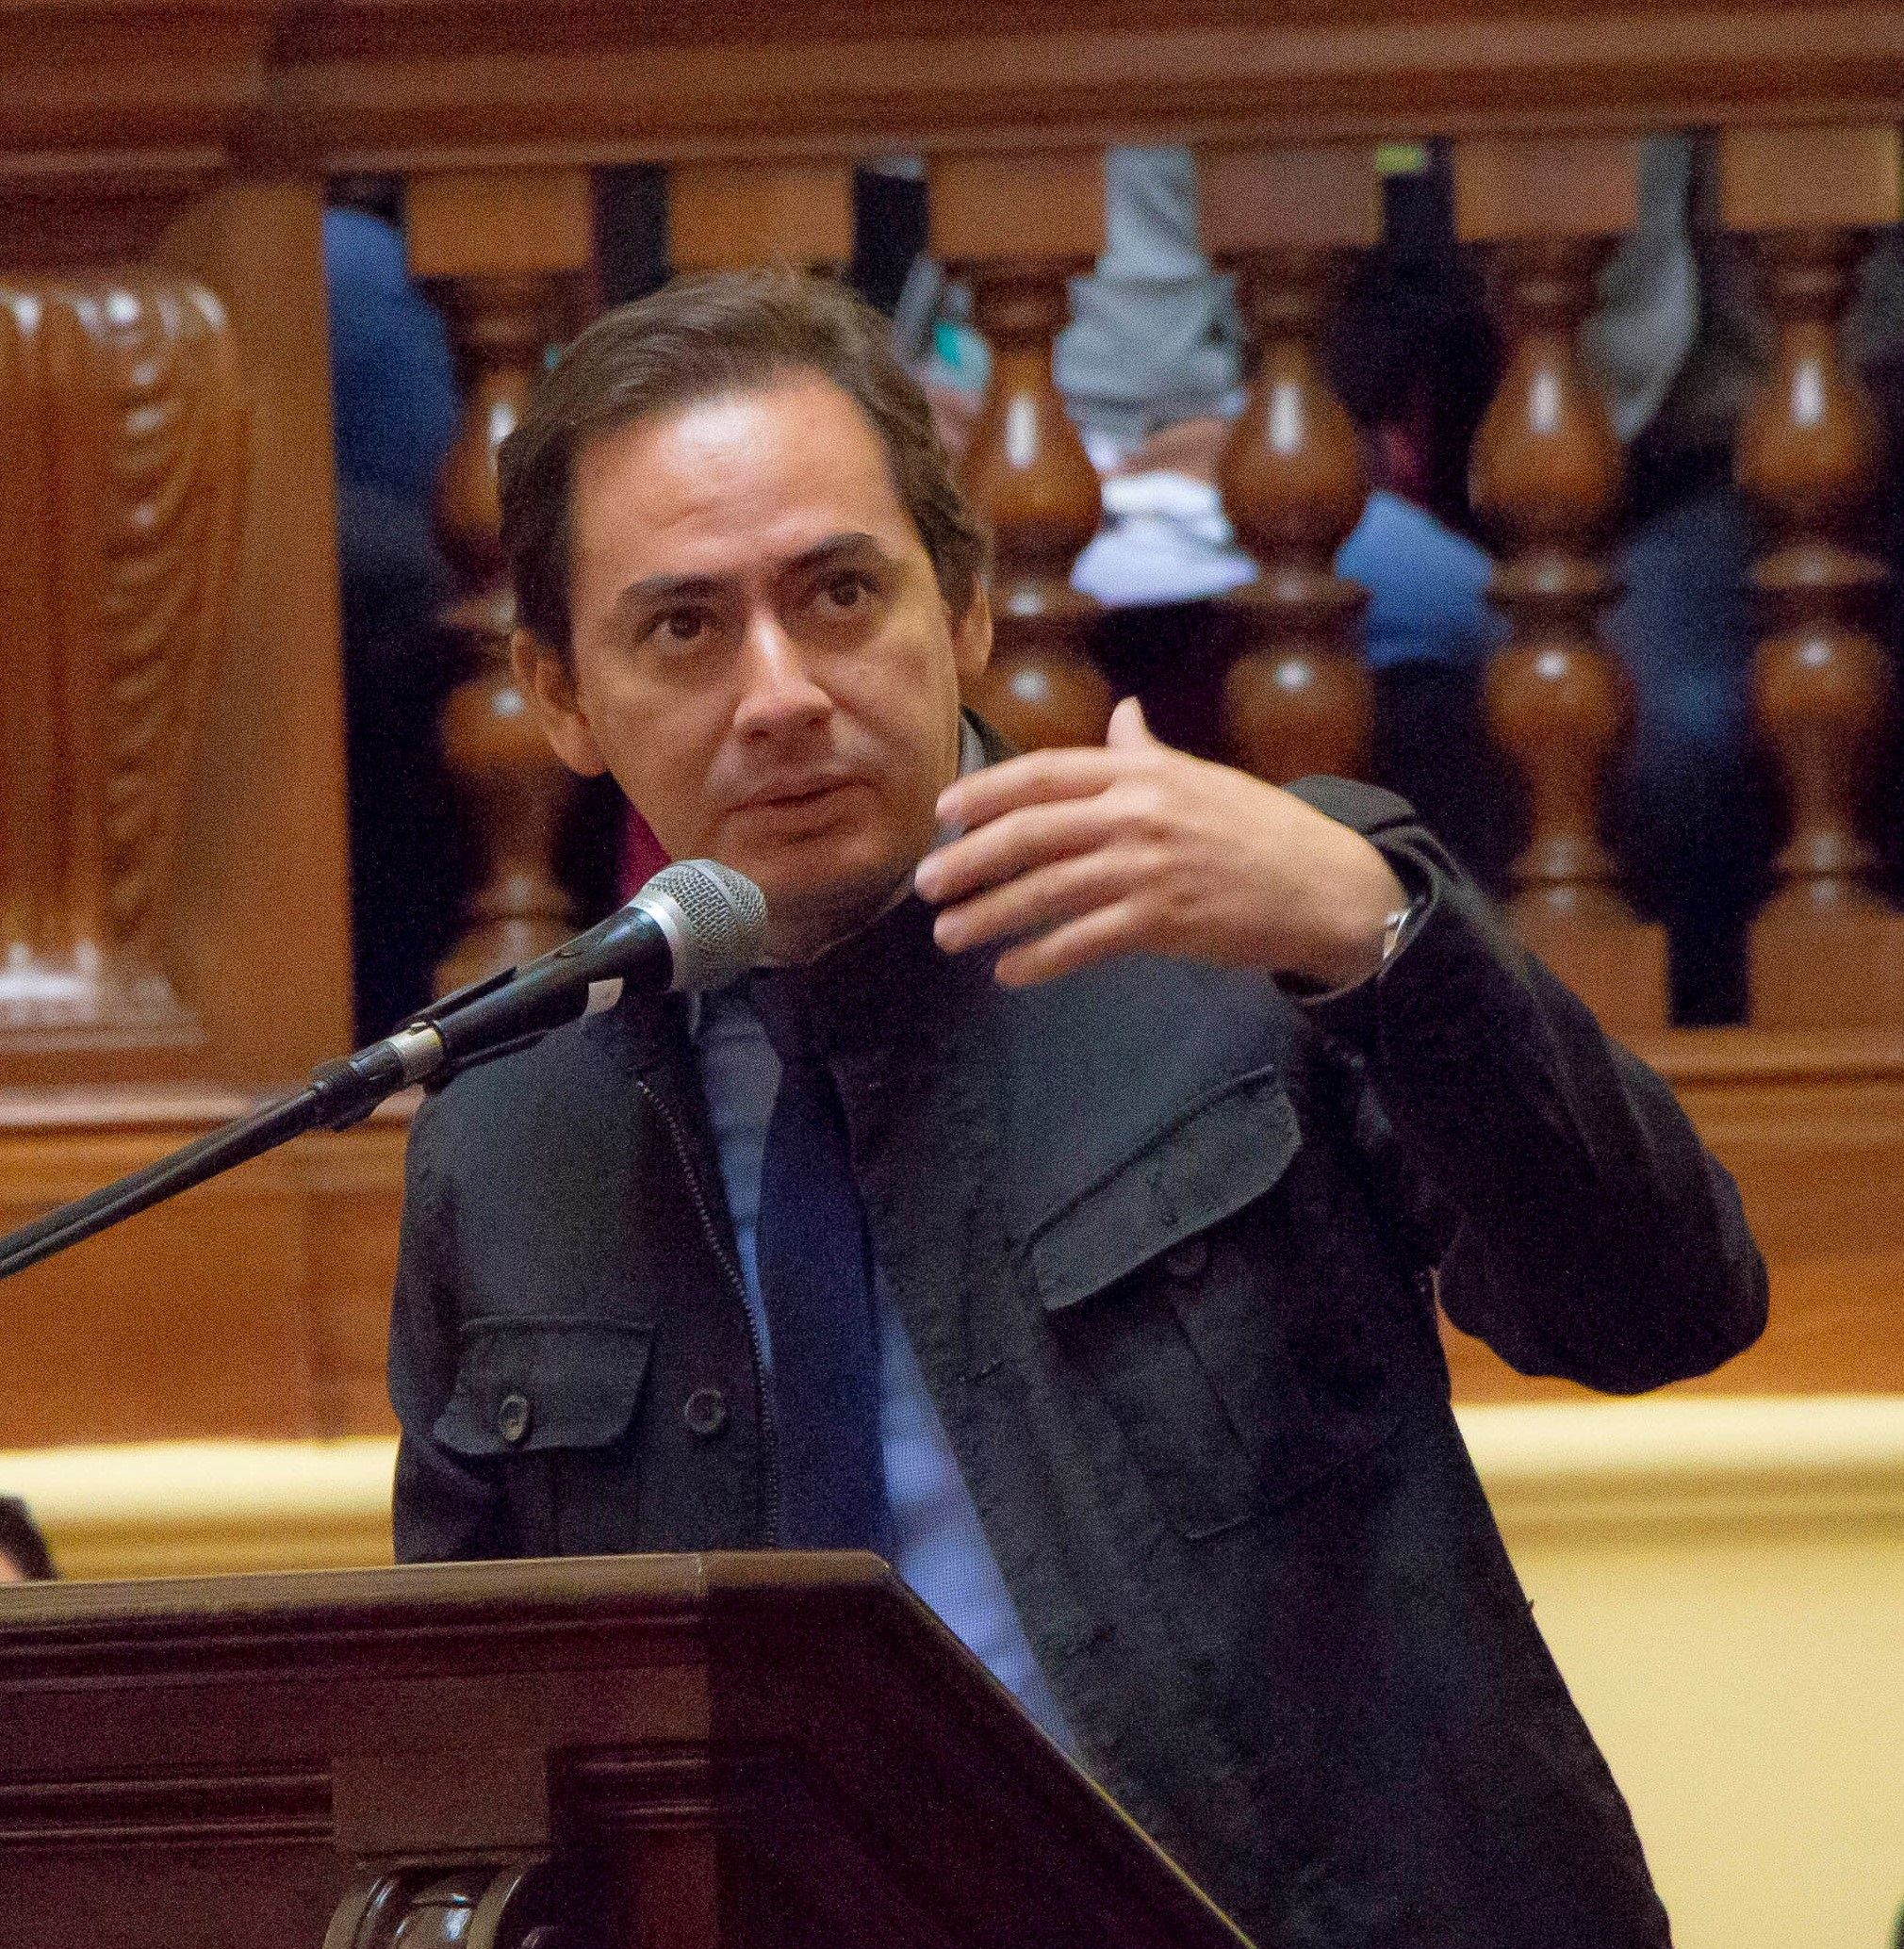 Rolando Cruzado